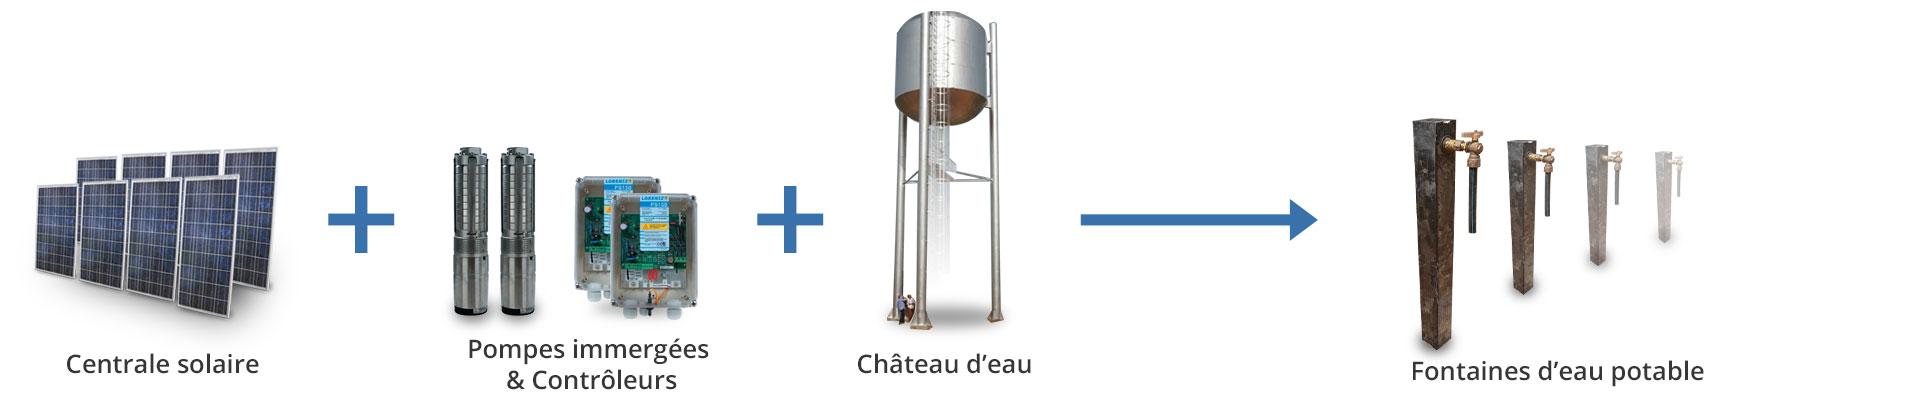 Principe de fonctionnement d'une station de pompage et d'adduction d'eau potable à énergie solaire